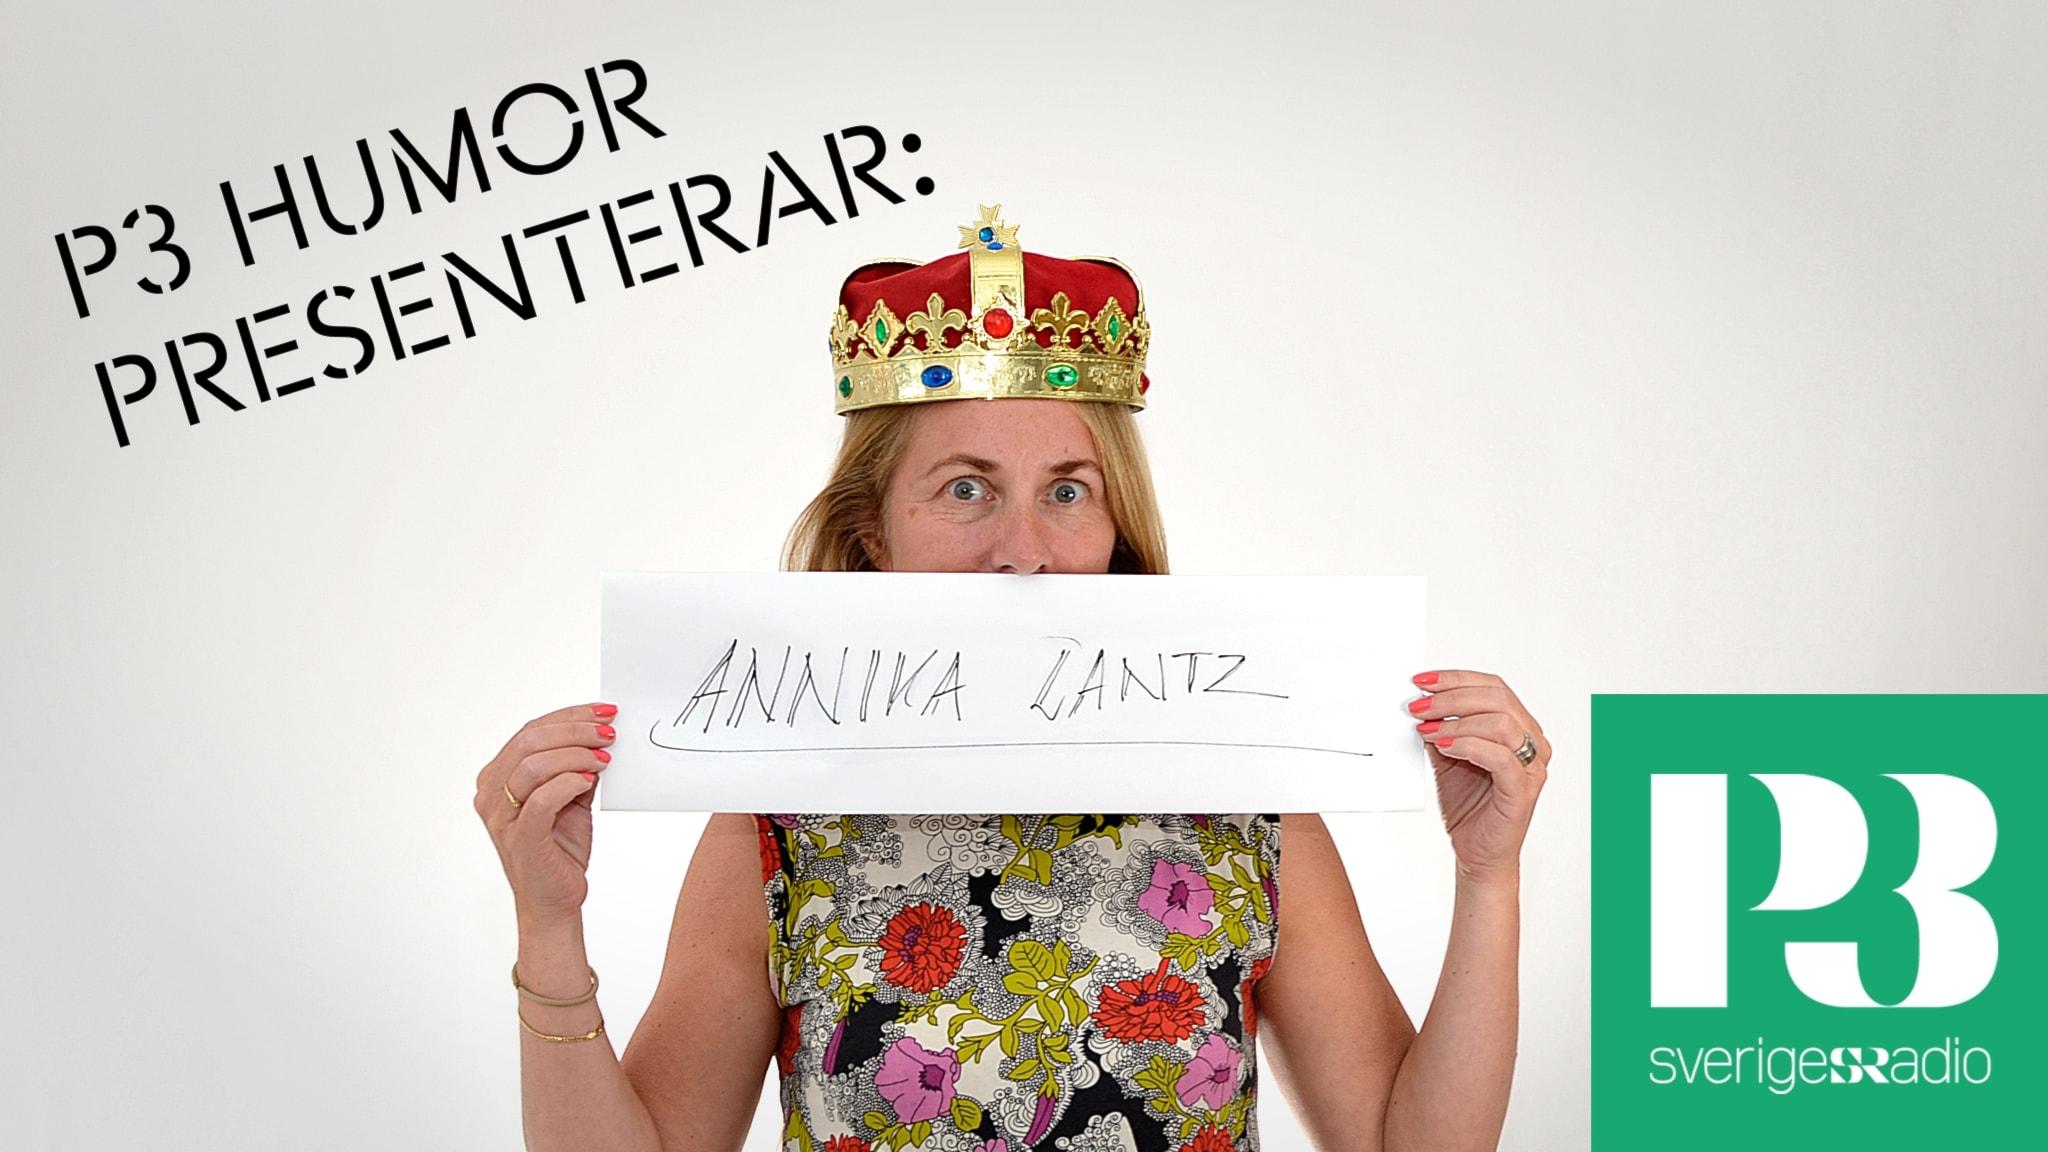 P3 Humor presenterar: Annika Lantz